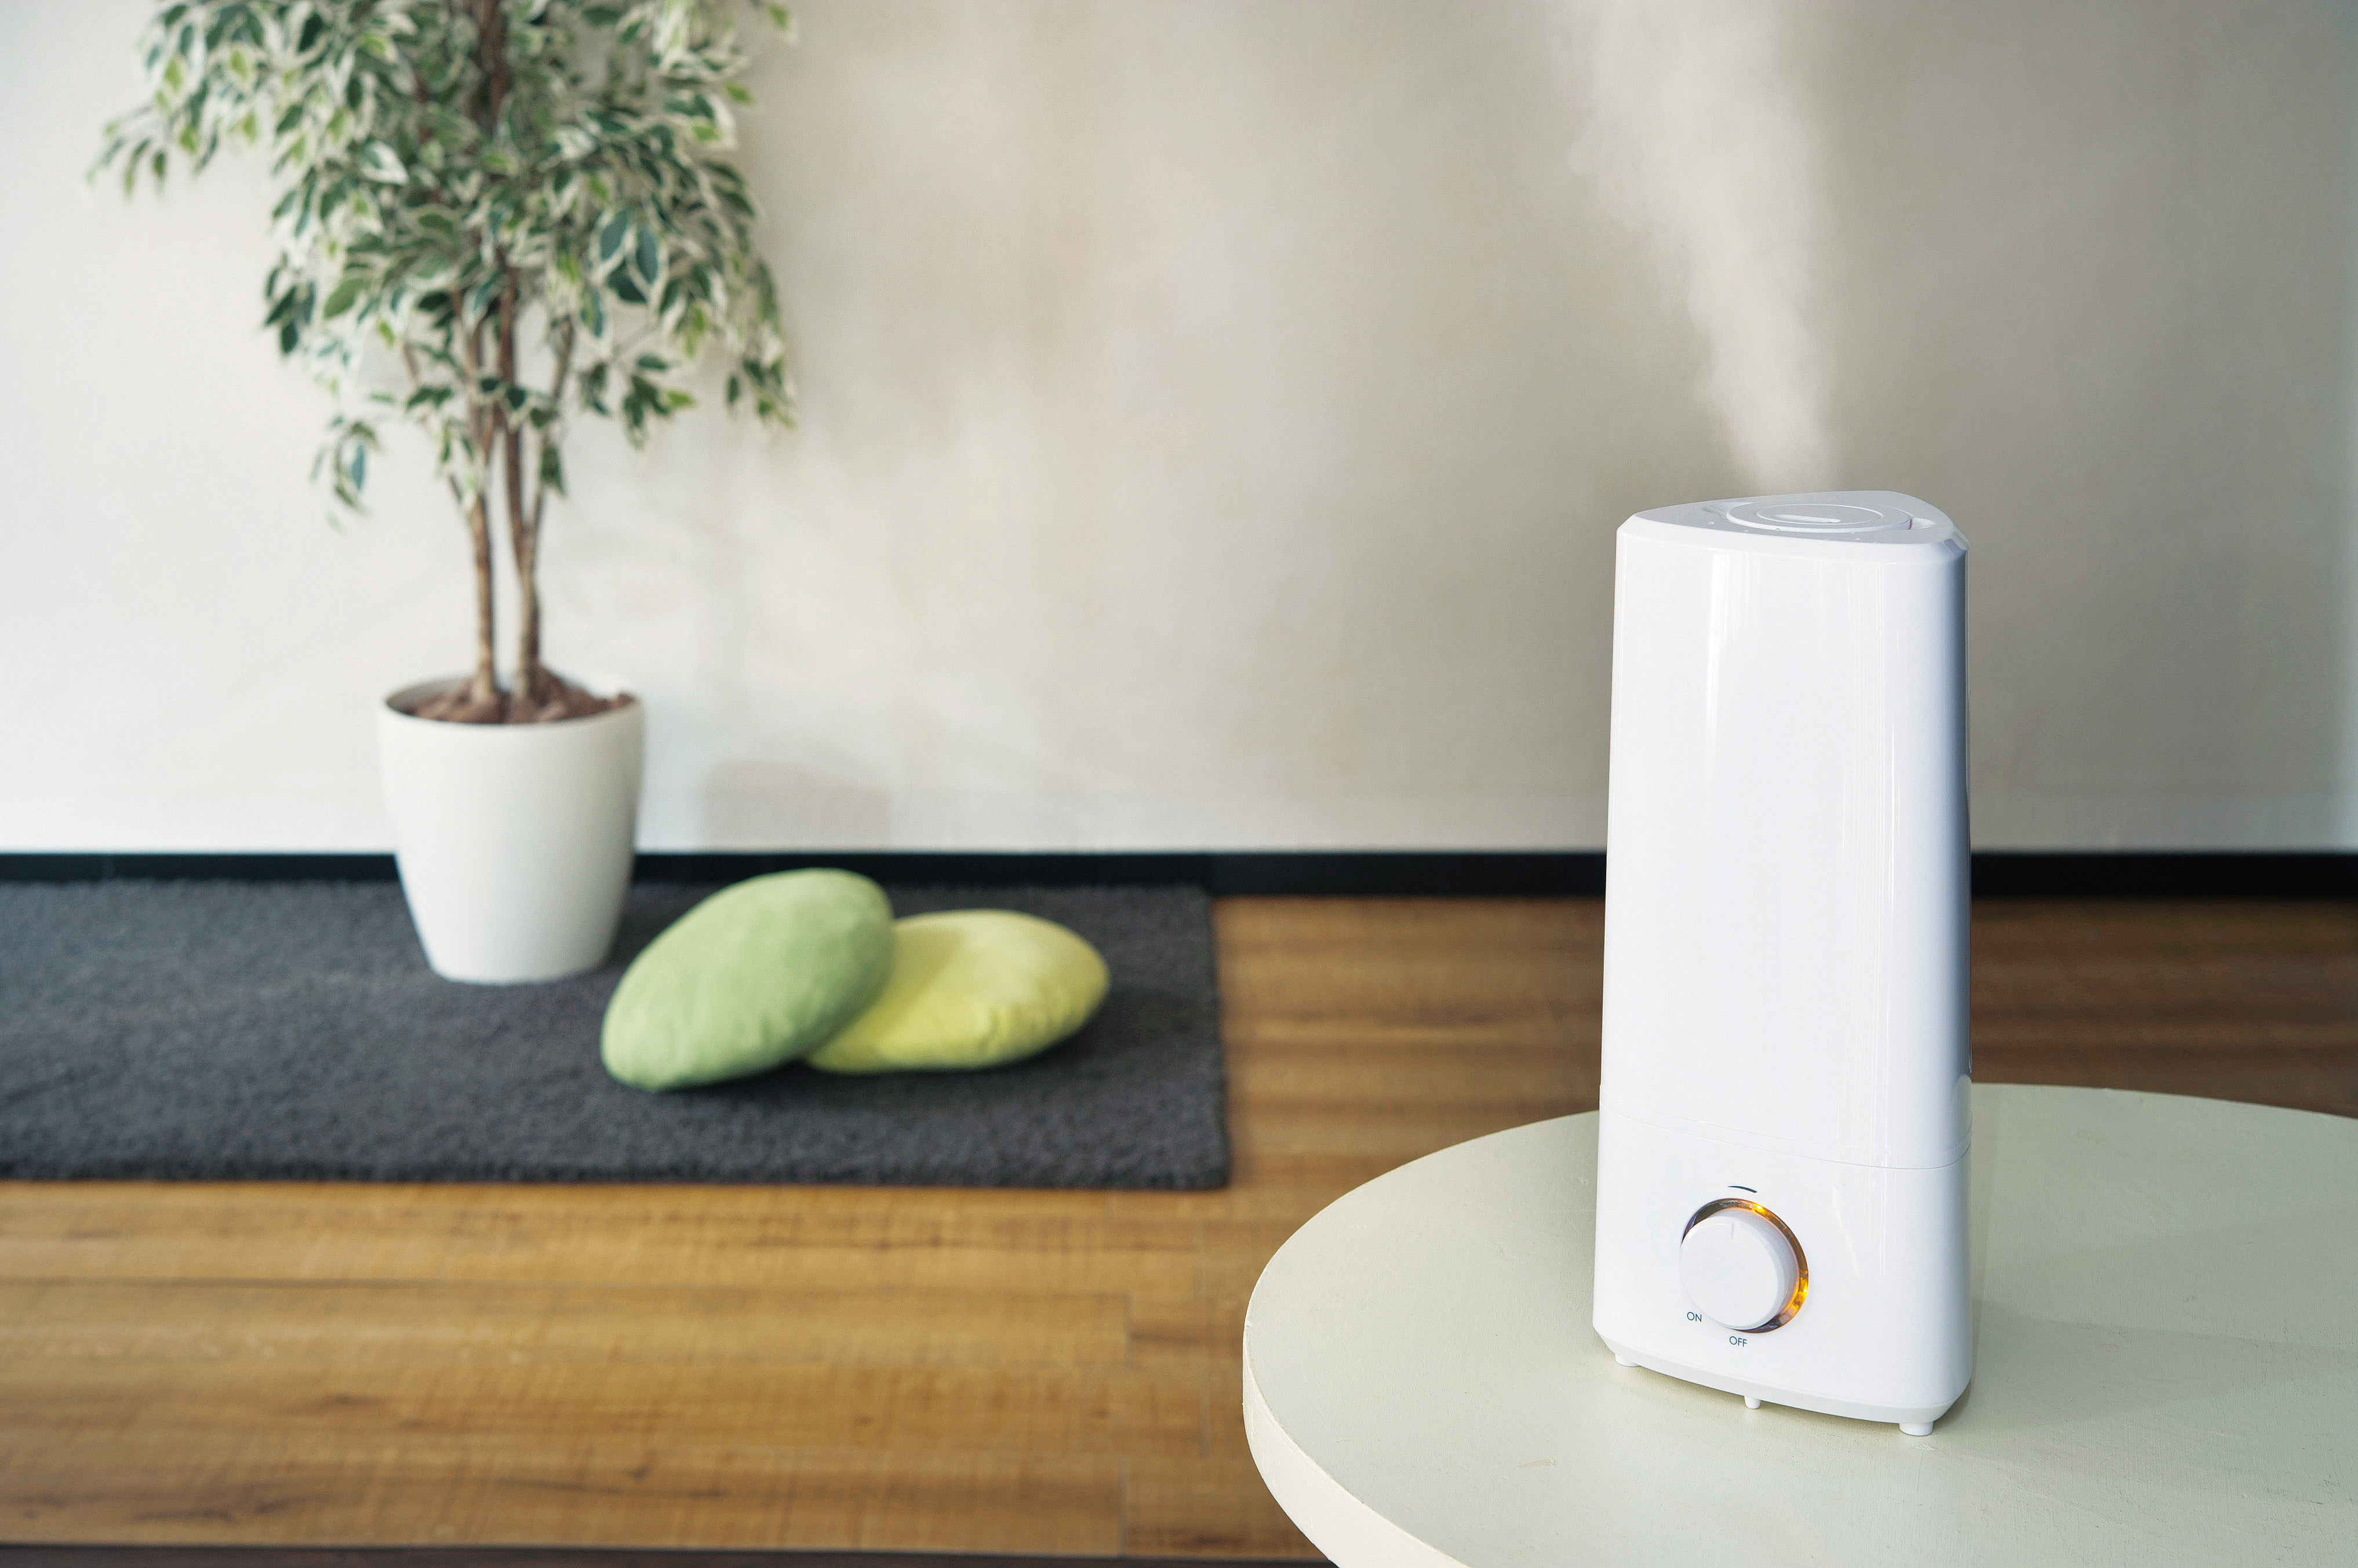 「値段・電気代・見た目」で選ぶ一人暮らしにおすすめの加湿器と種類別の特徴解説